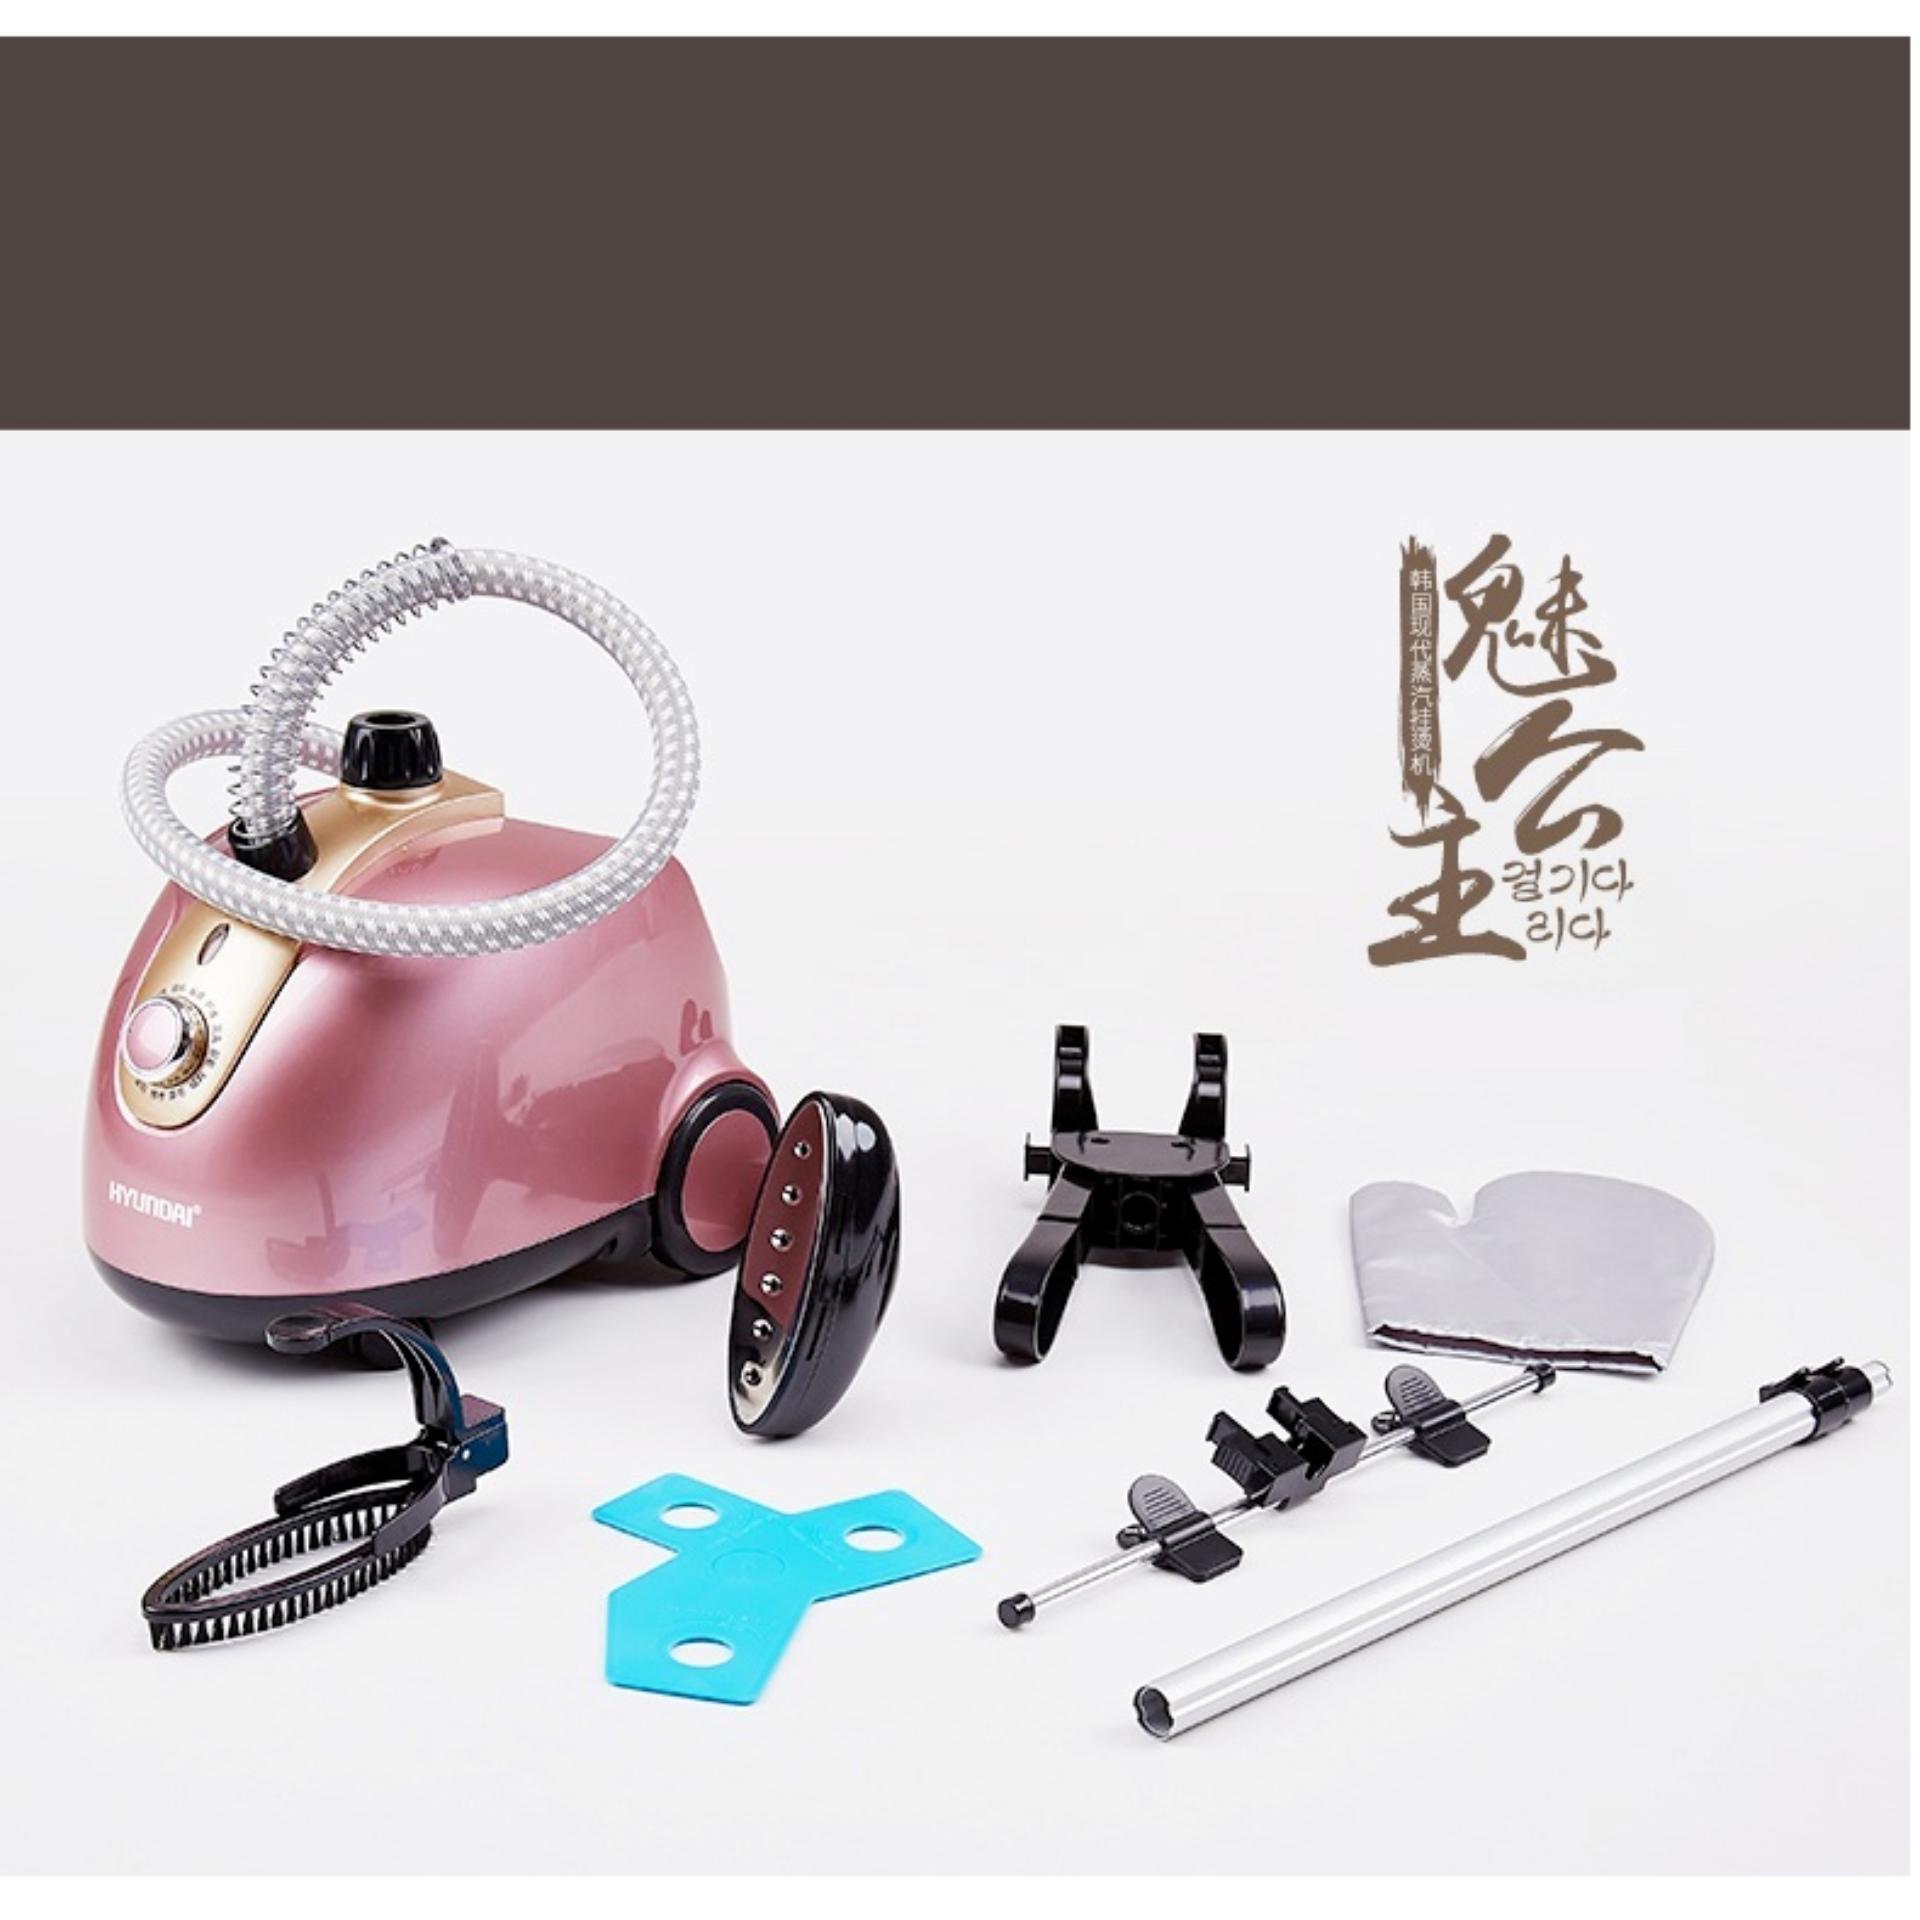 Bàn ủi hơi nước đứng Hyundai HY-1588 - 1800W